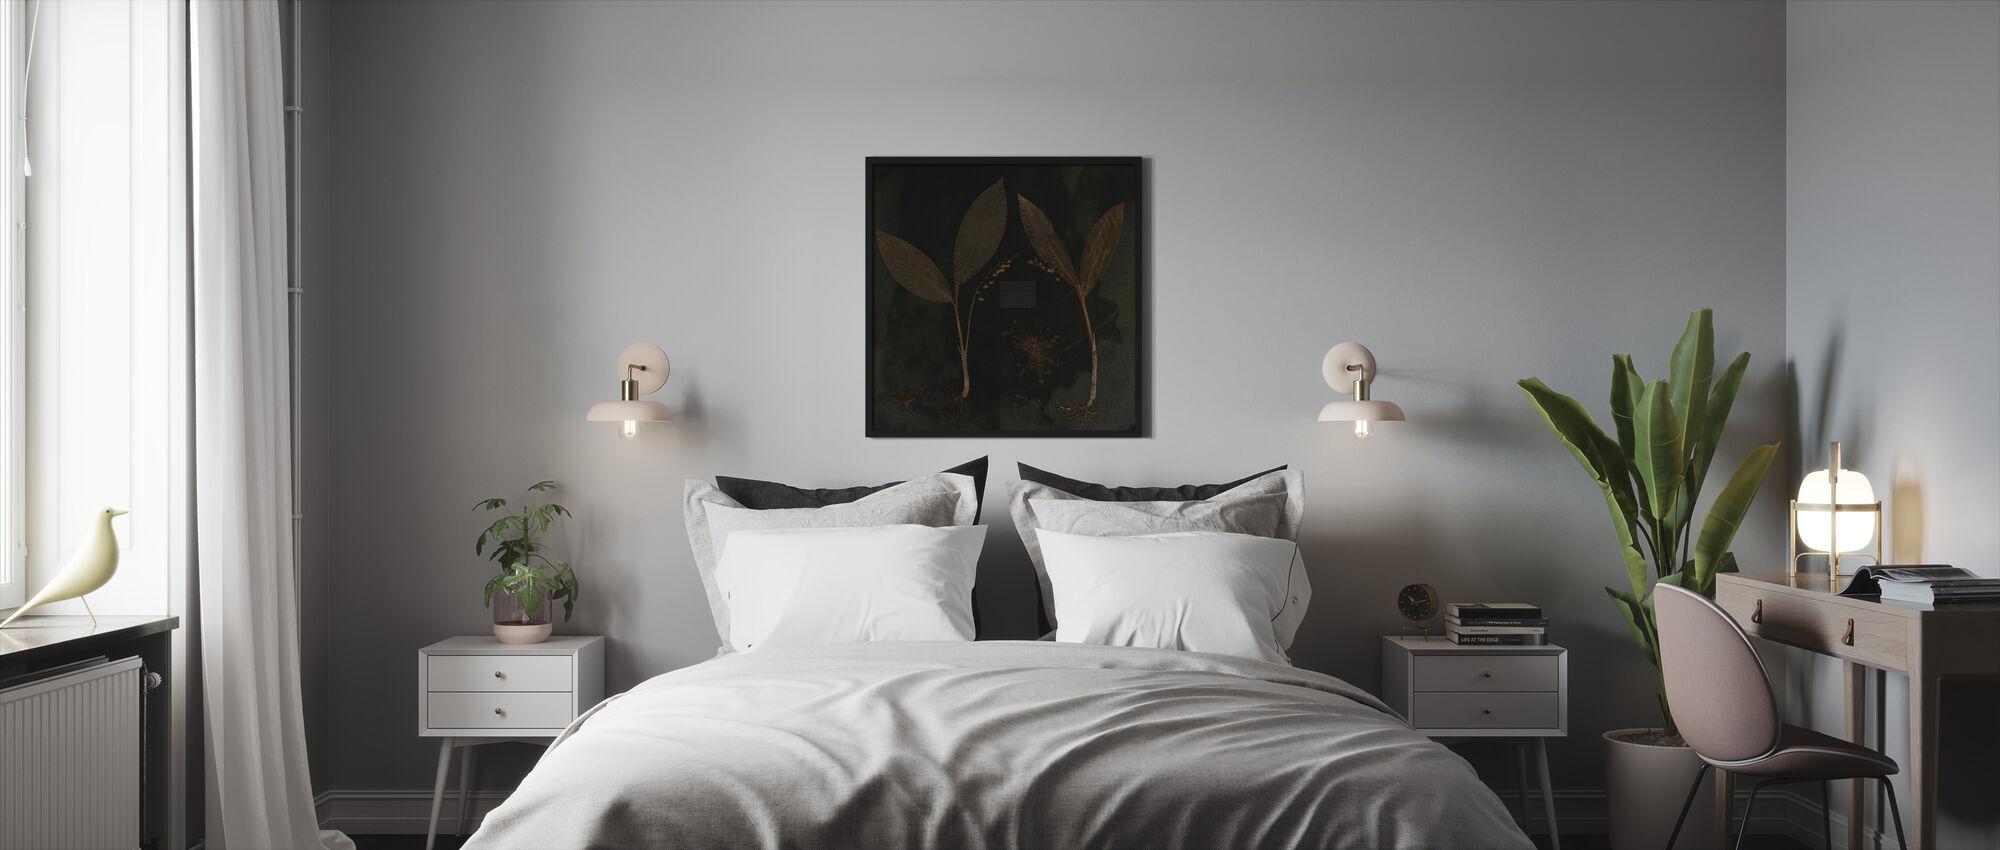 Radura - Stampa incorniciata - Camera da letto